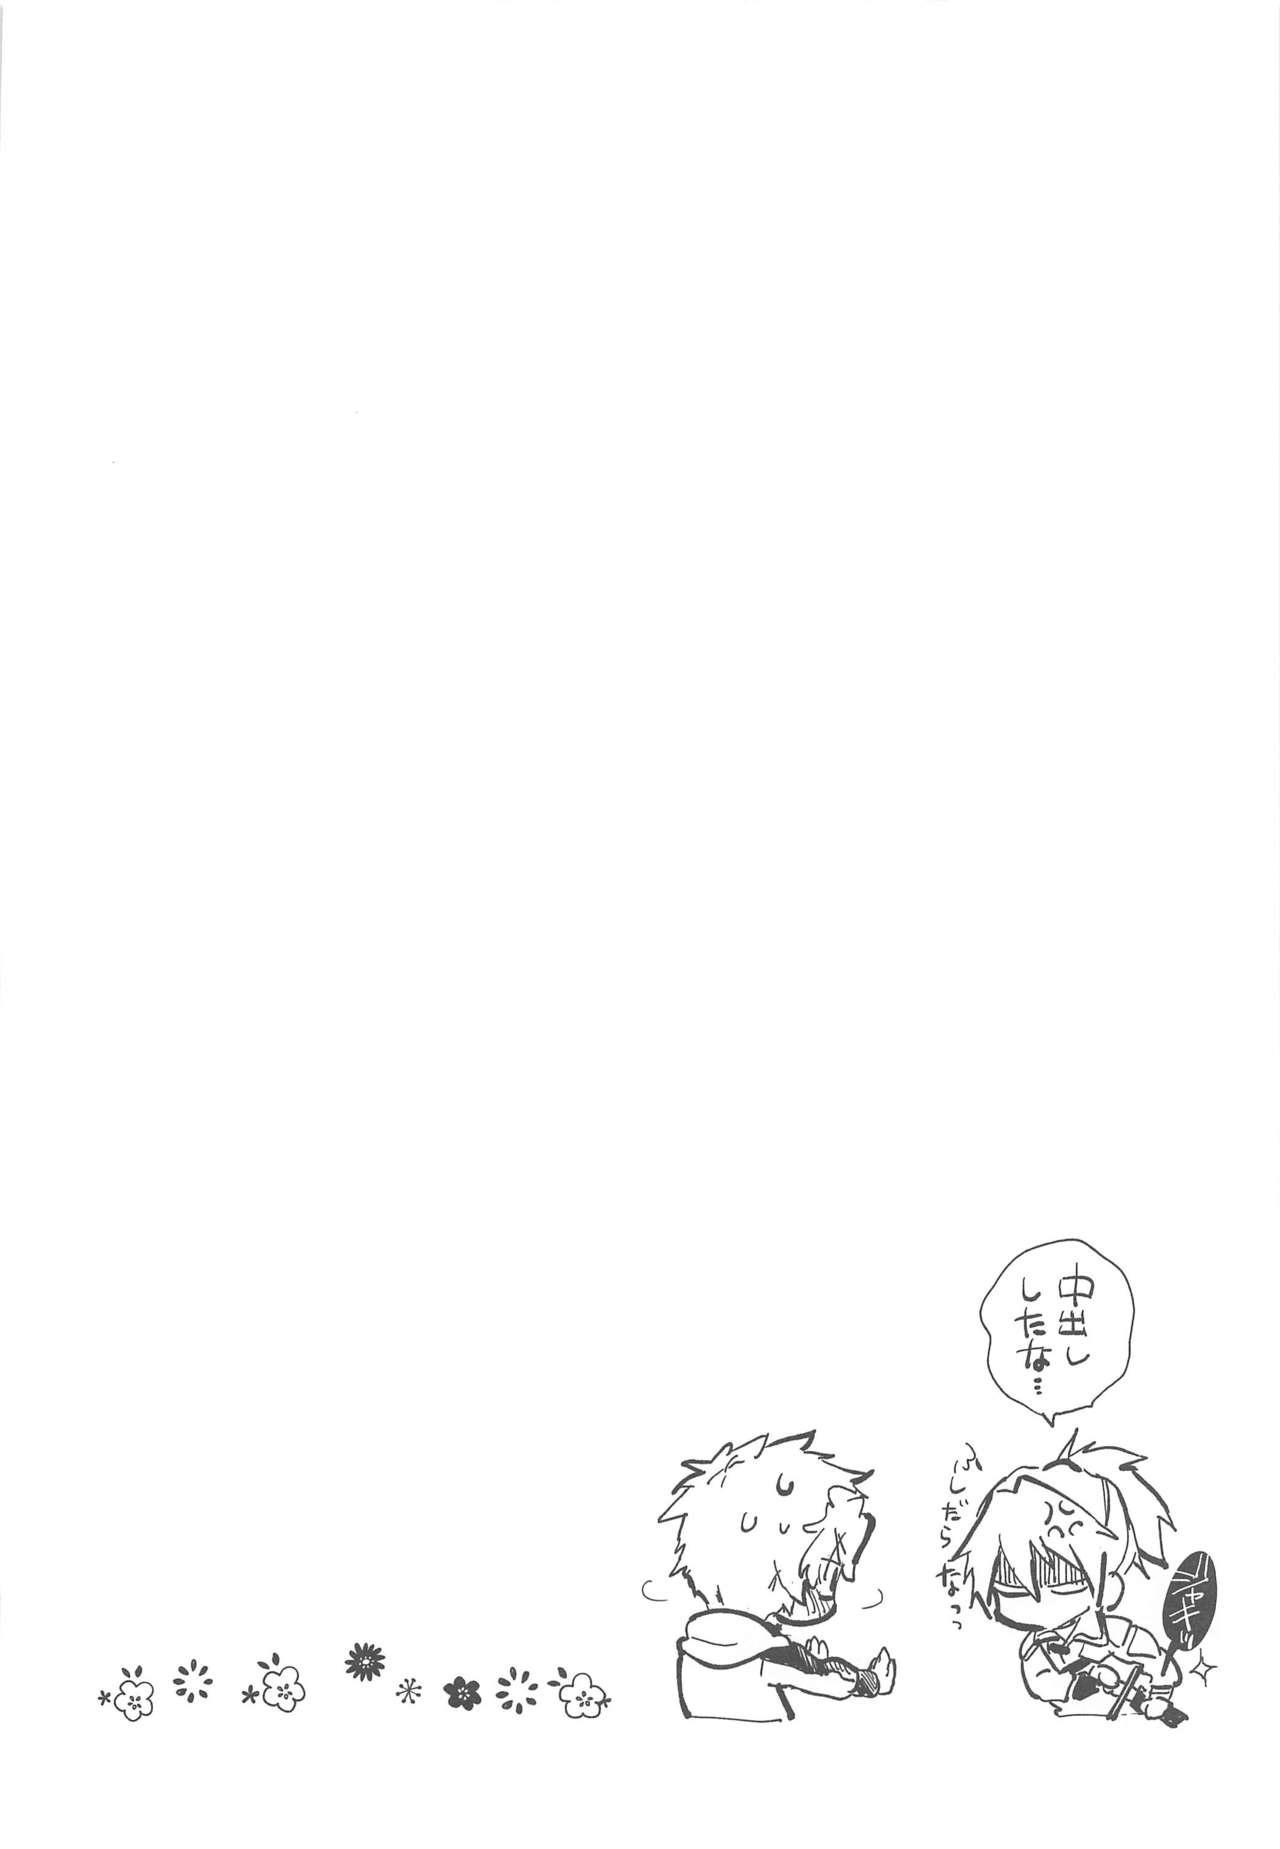 Unato Yukimi Onsen Ikomume Ichaicha Ippakufutsuka no Tabi 30